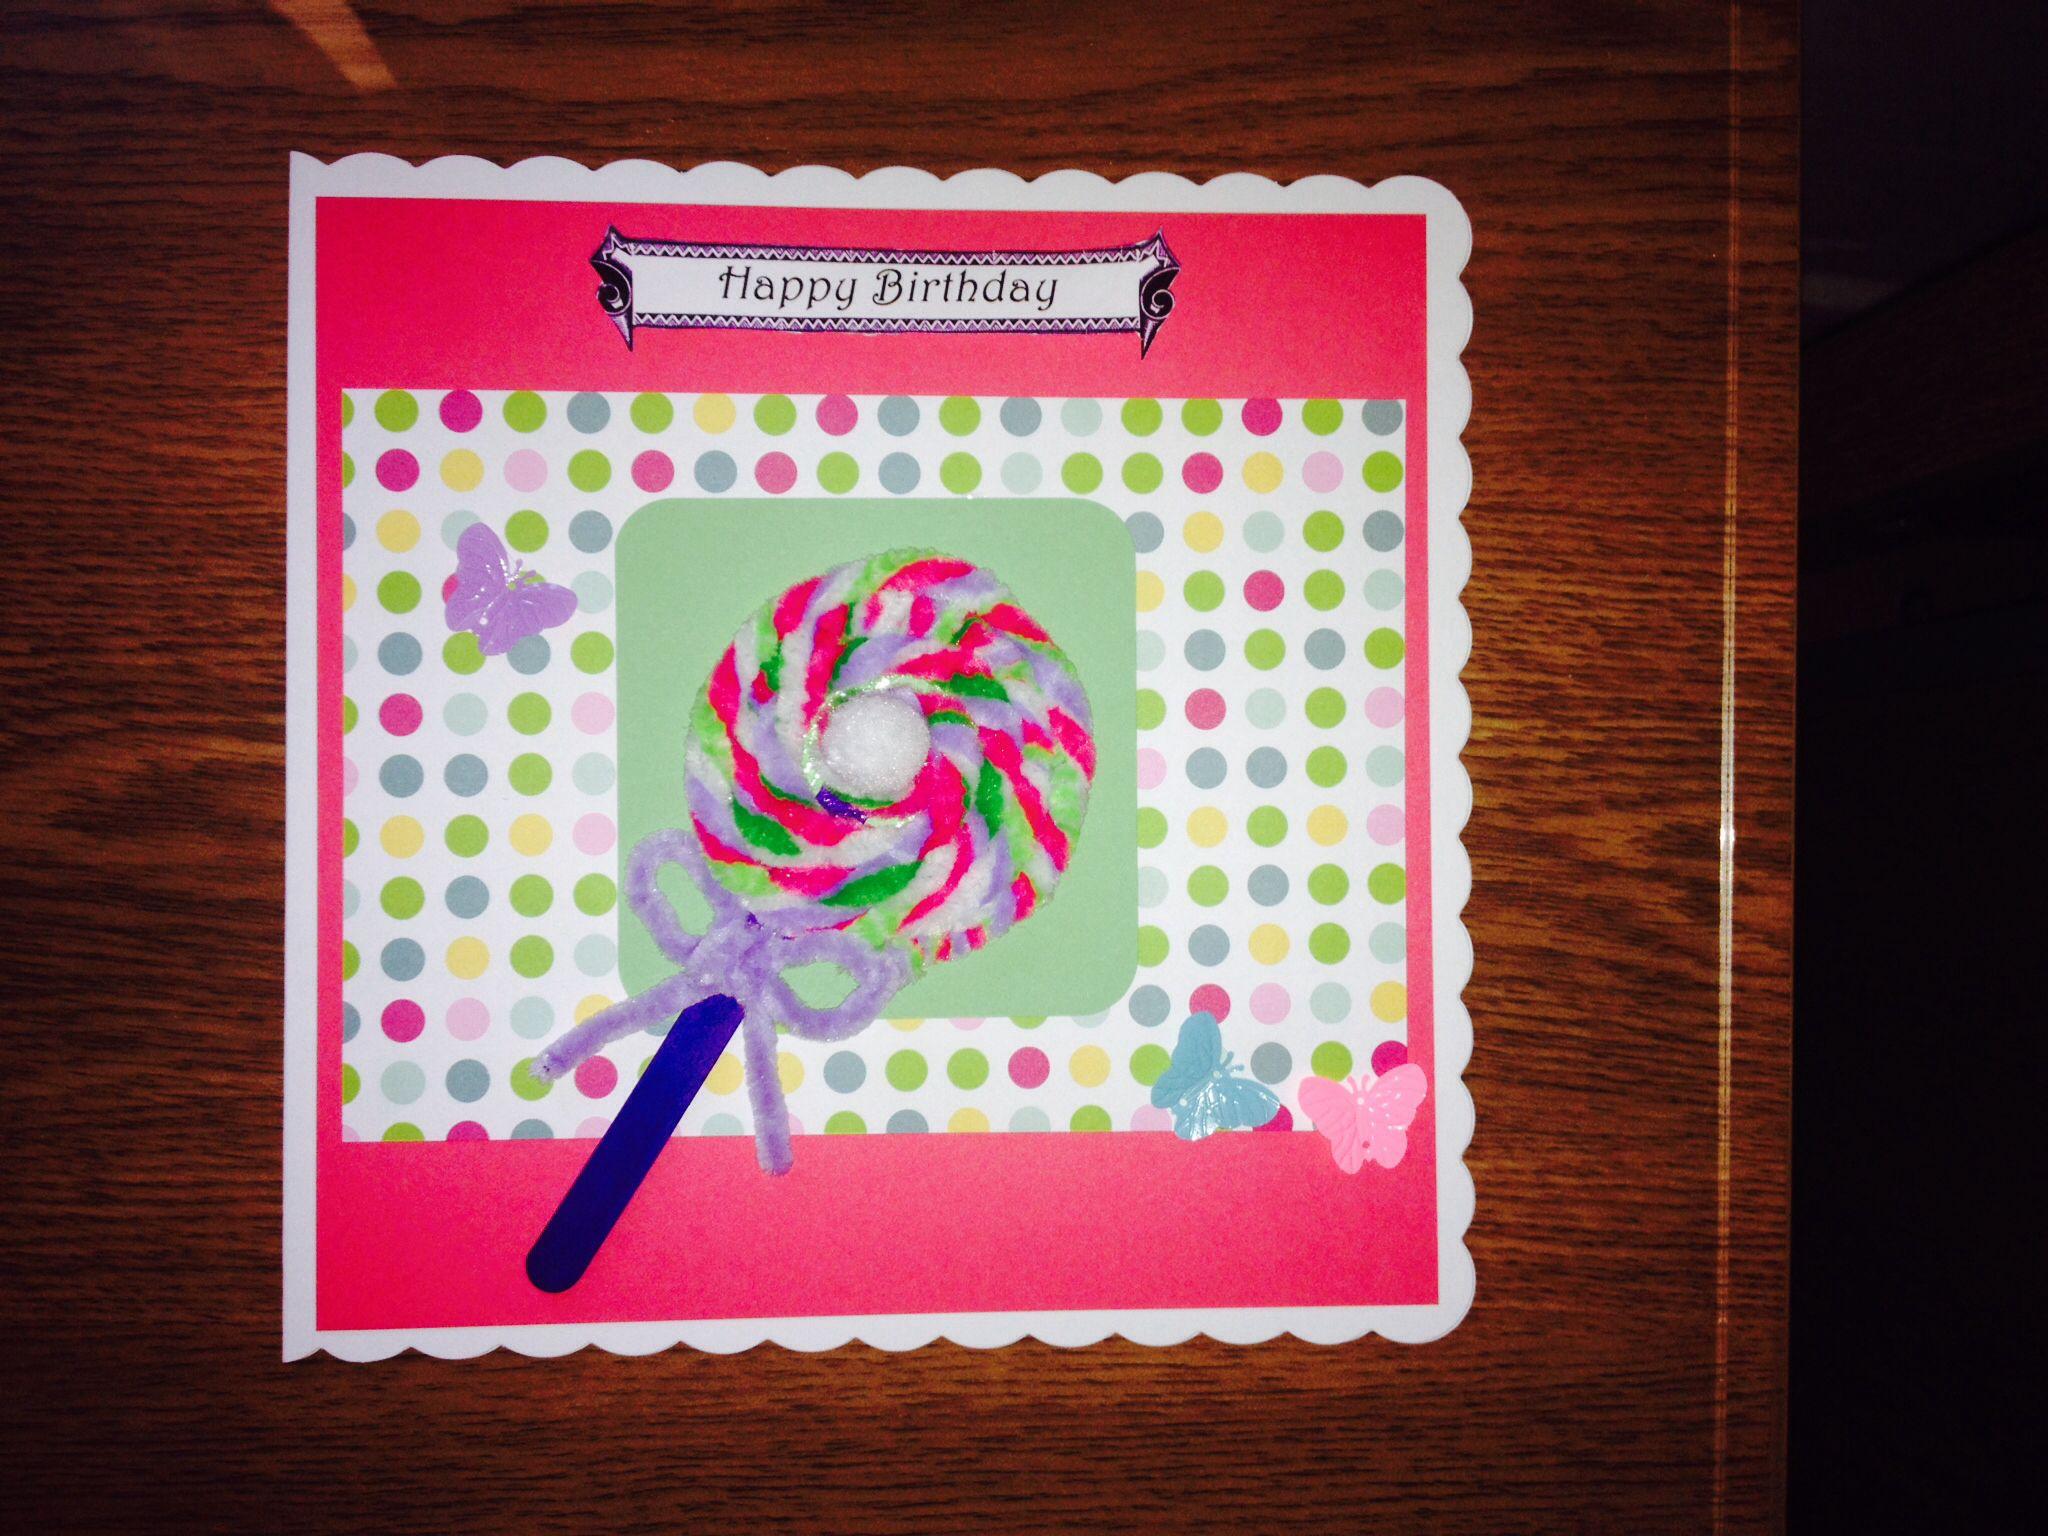 Handmade Birthday Card With A Nice Loly A My Creative Cards